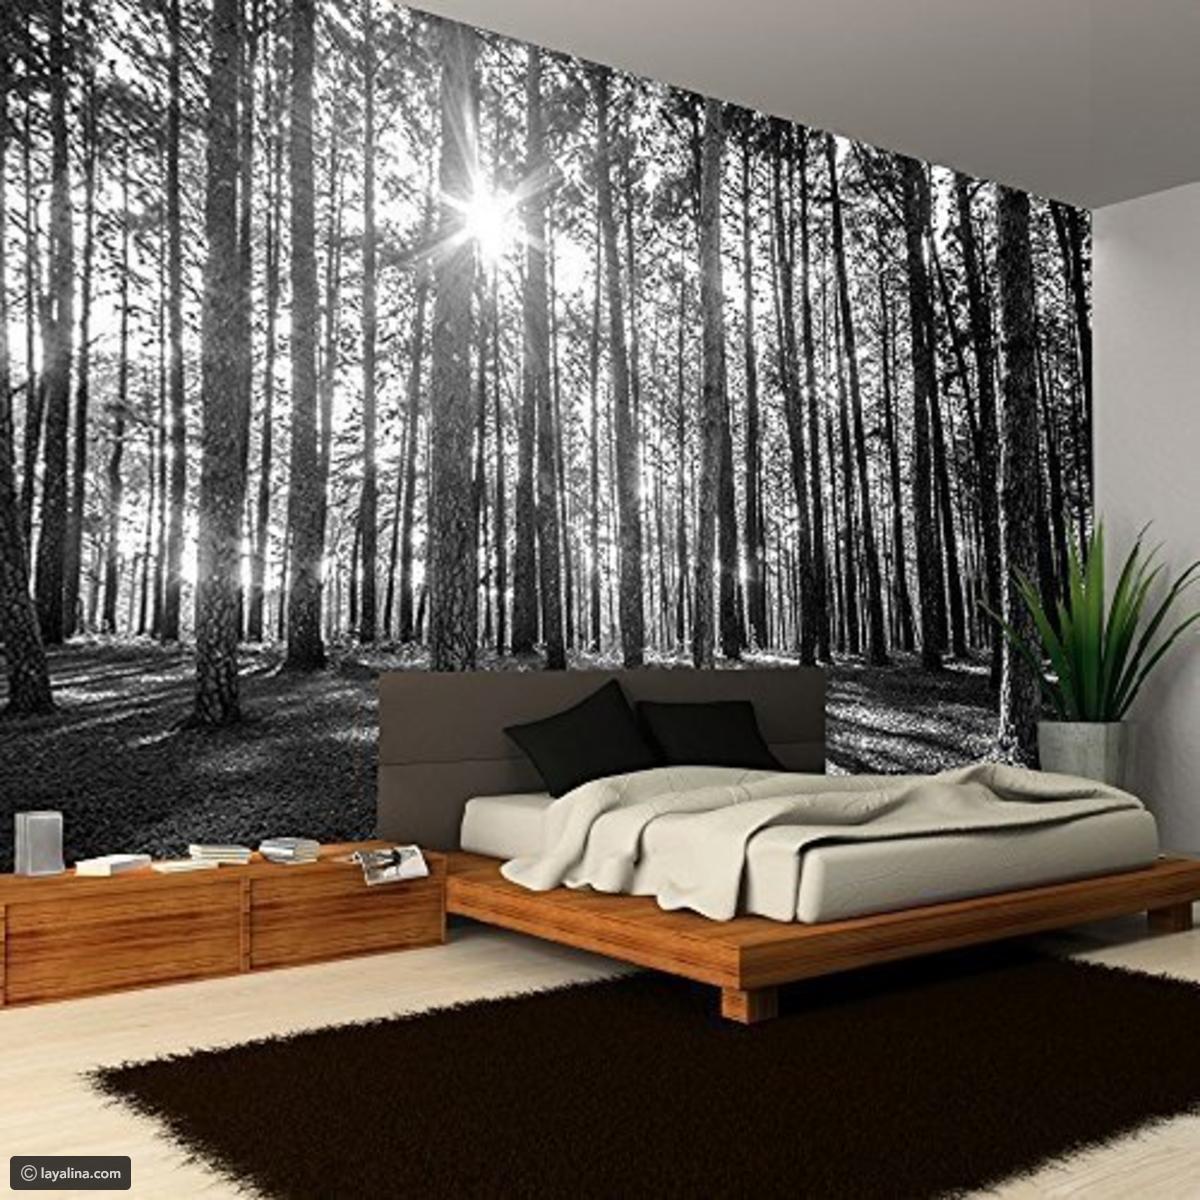 بالصور ورق جدران للمجالس , اشكال ورق جدران للمنزل 3515 3